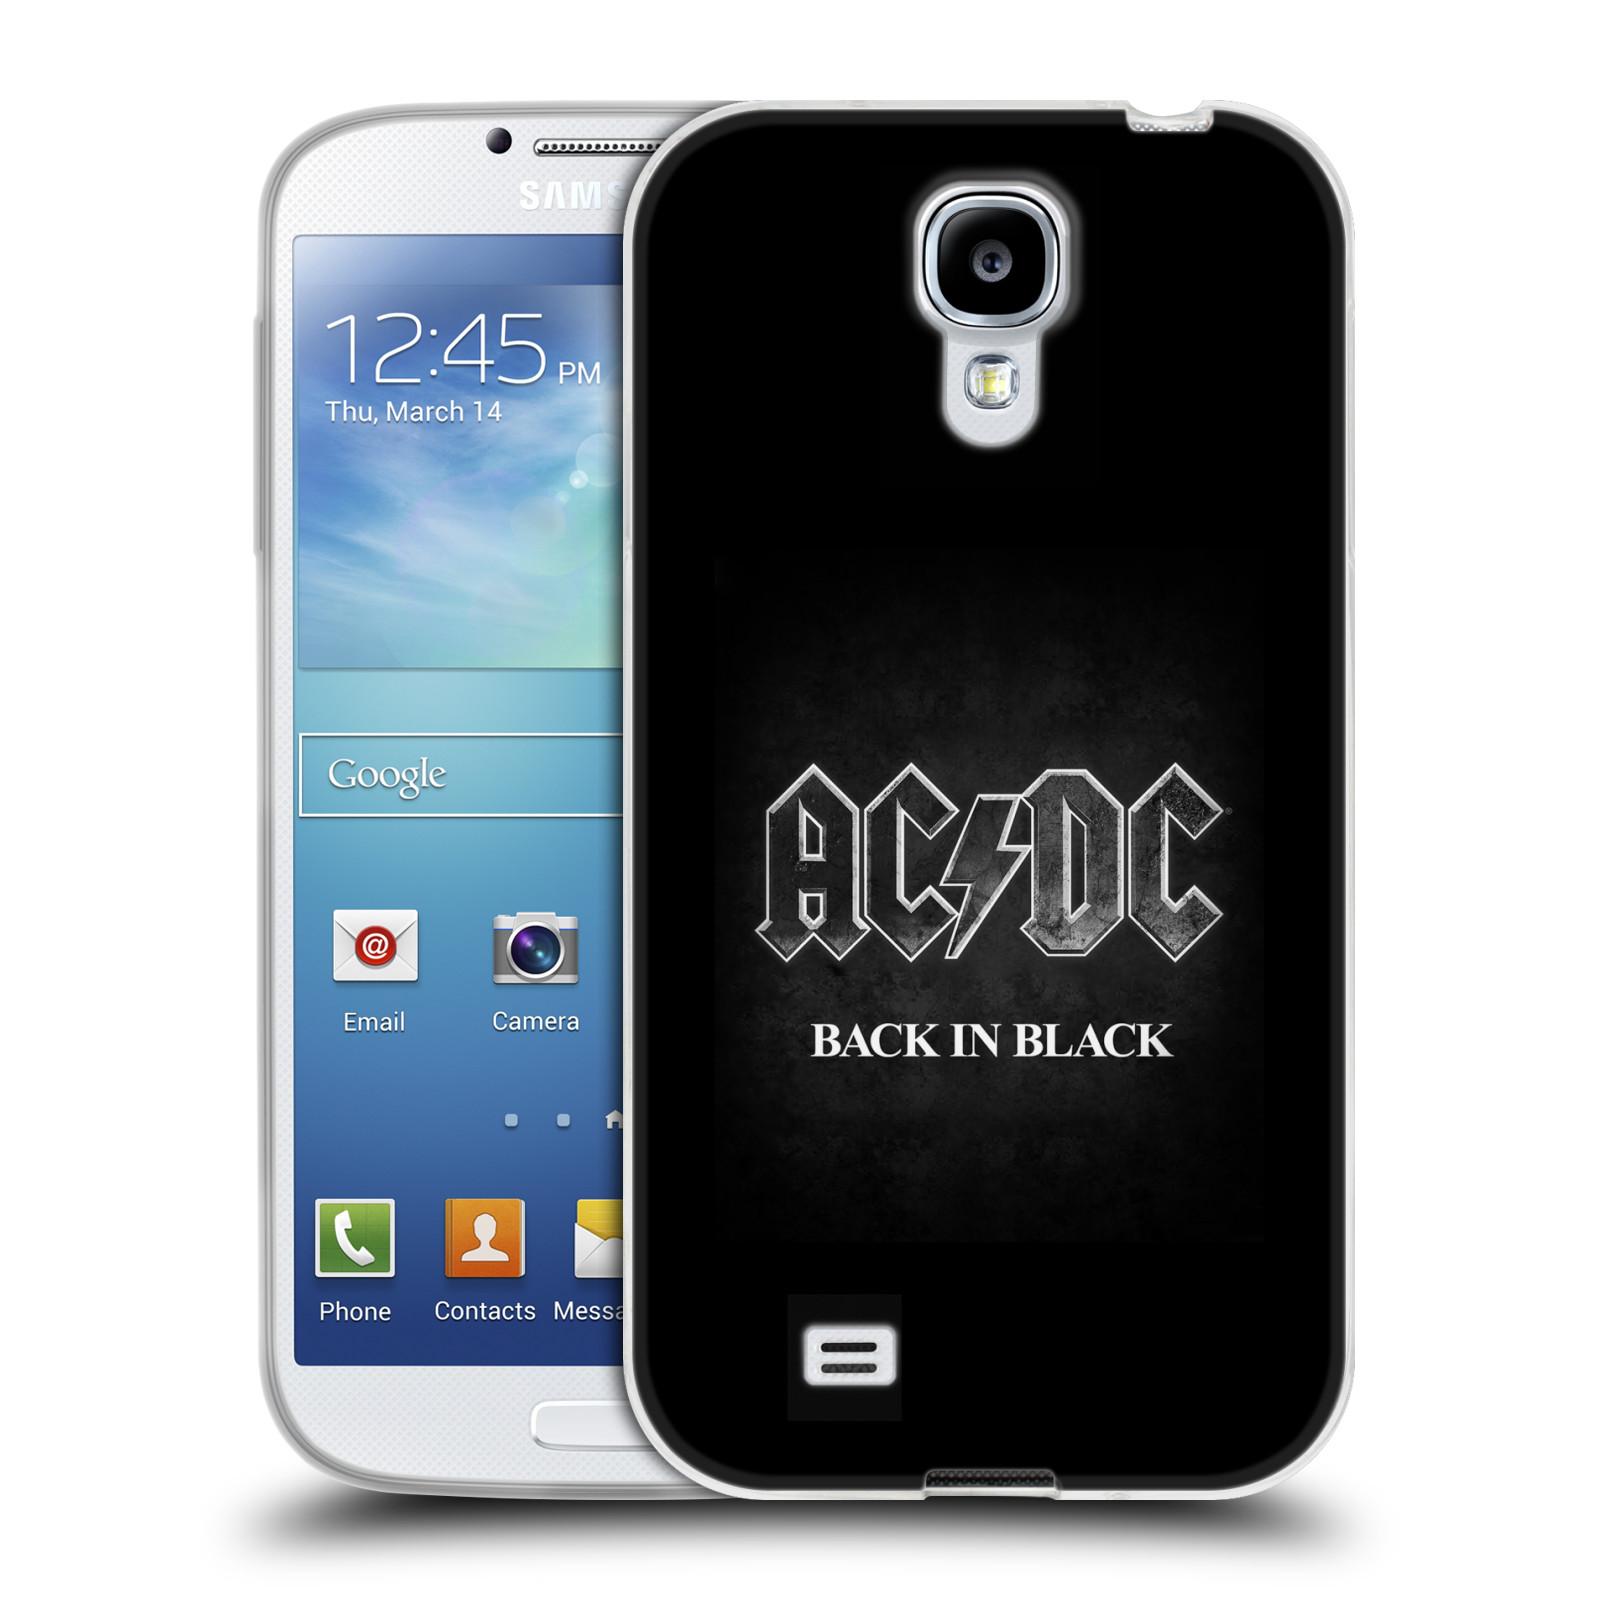 Silikonové pouzdro na mobil Samsung Galaxy S4 HEAD CASE AC/DC BACK IN BLACK (Silikonový kryt či obal na mobilní telefon s oficiálním motivem australské skupiny AC/DC pro Samsung Galaxy S4 GT-i9505 / i9500)